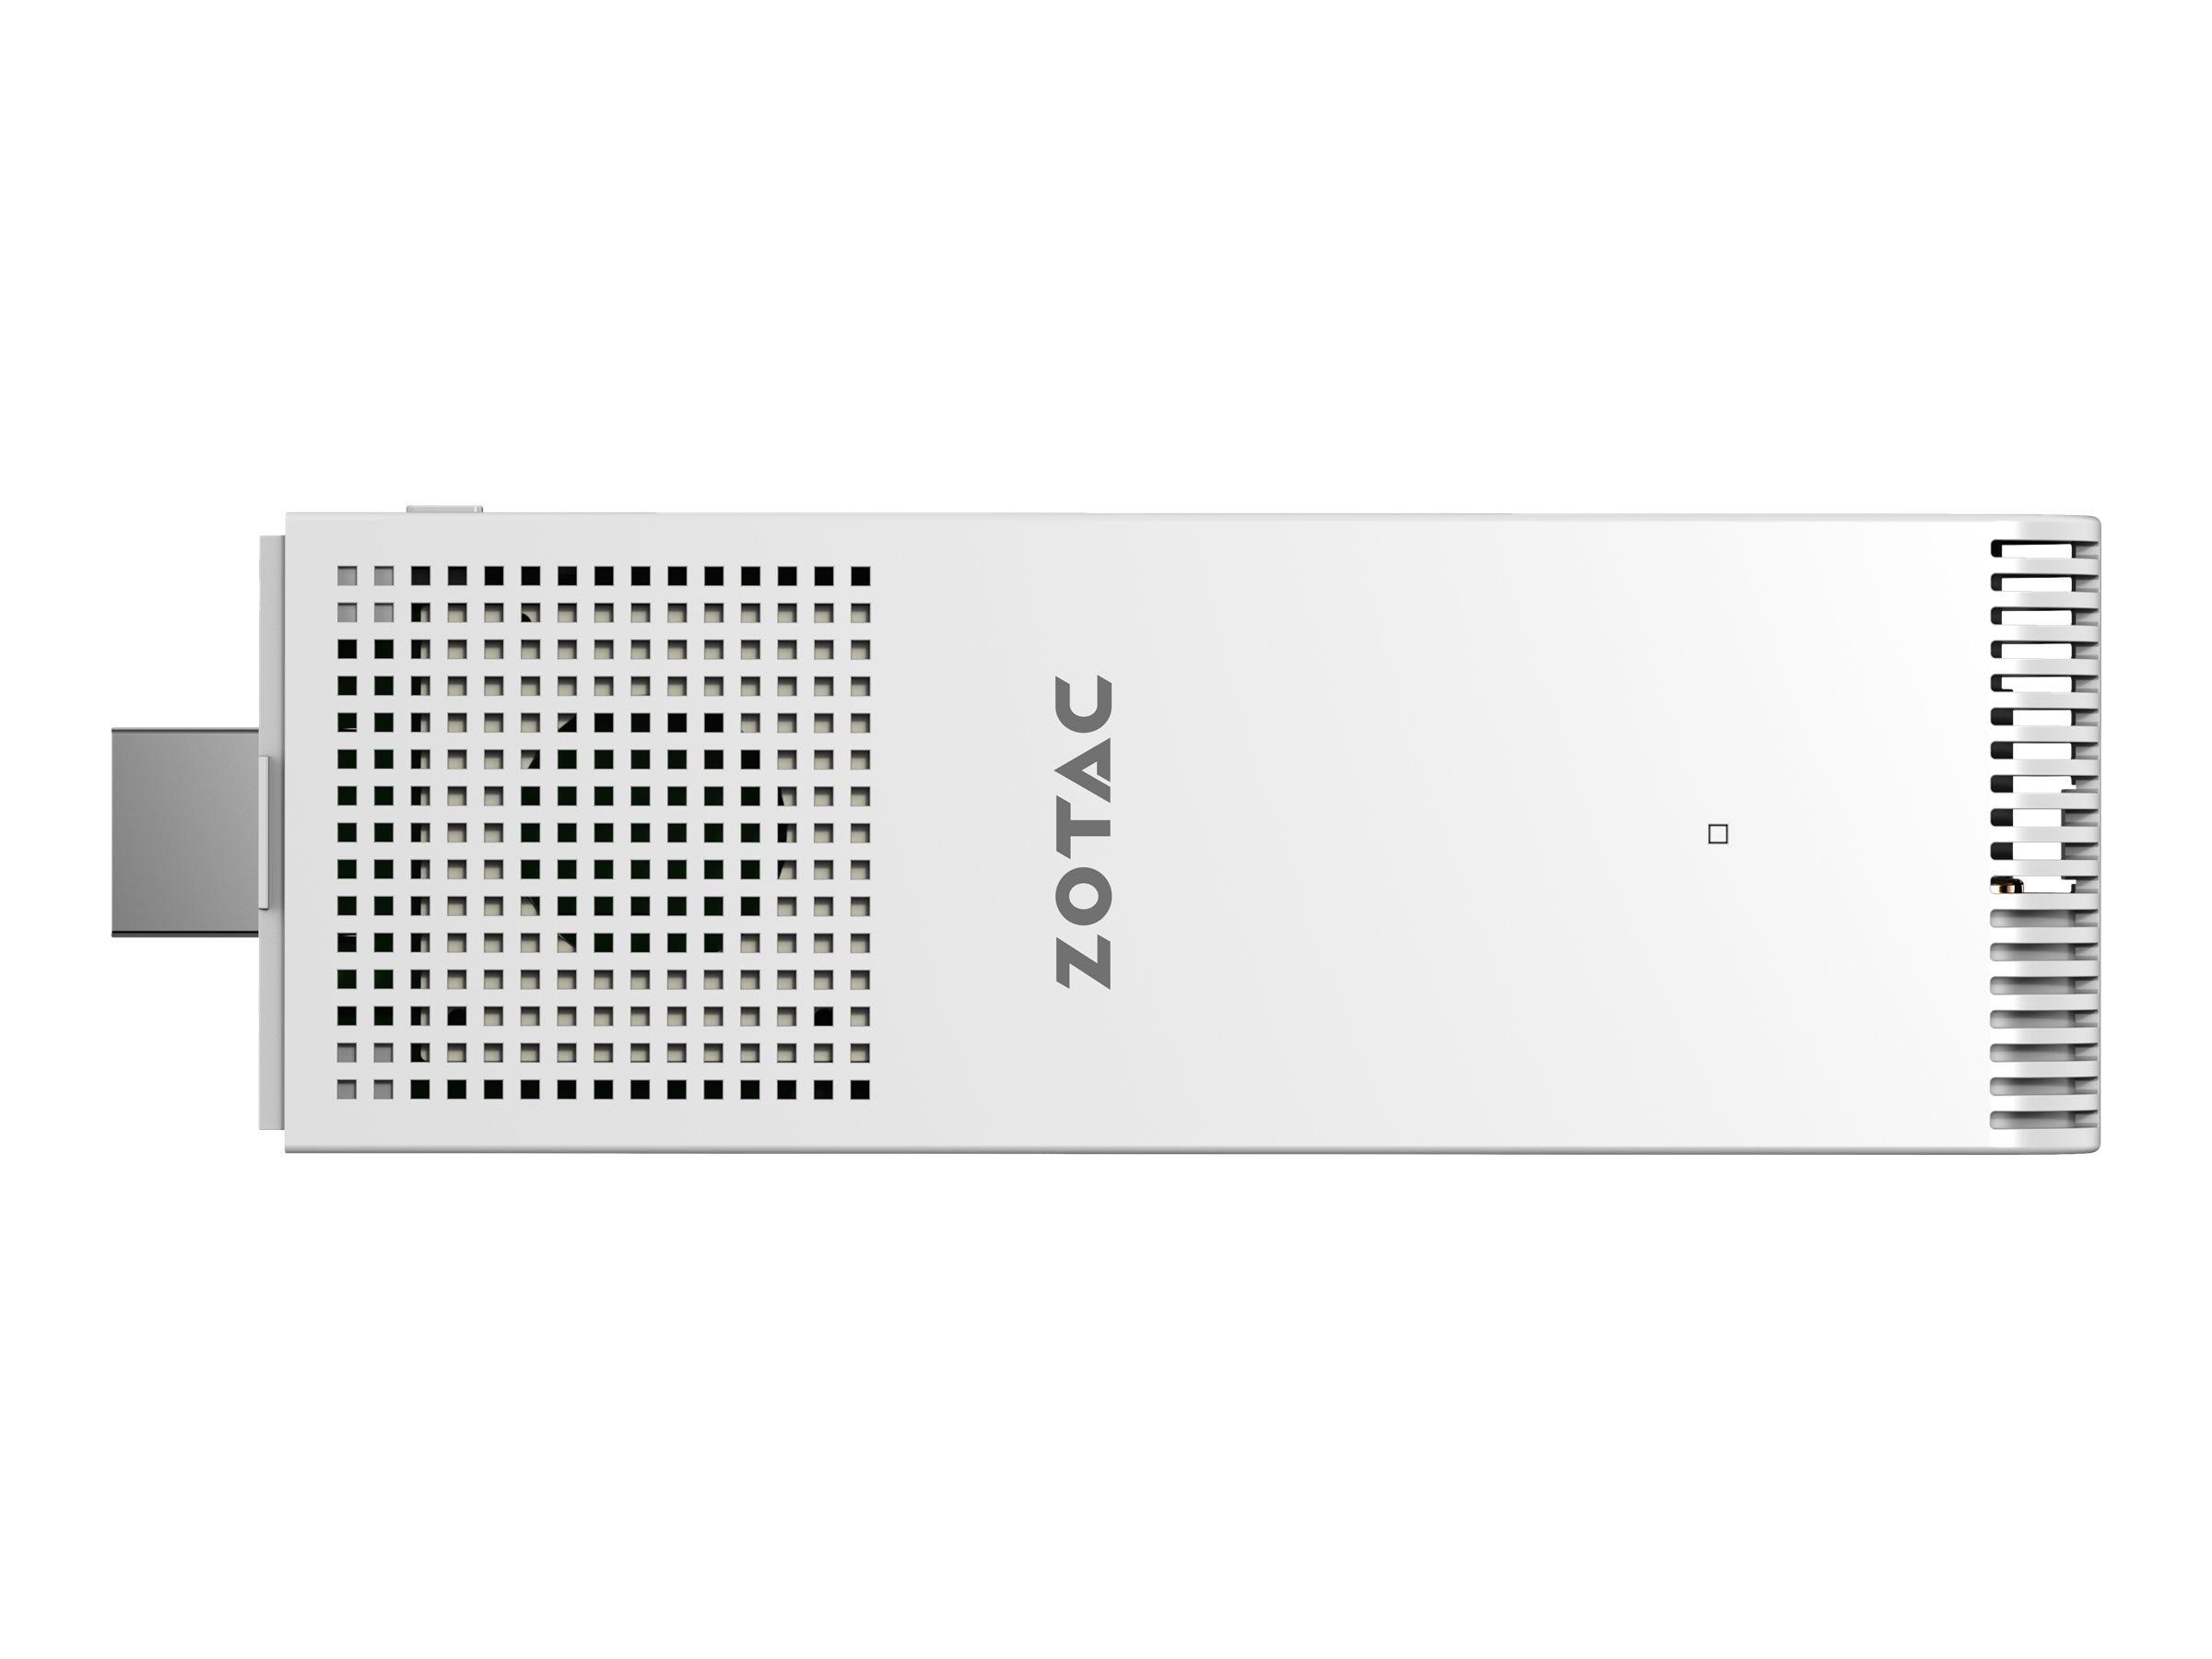 Zotac ZBOX-PI220-W2B Image 2